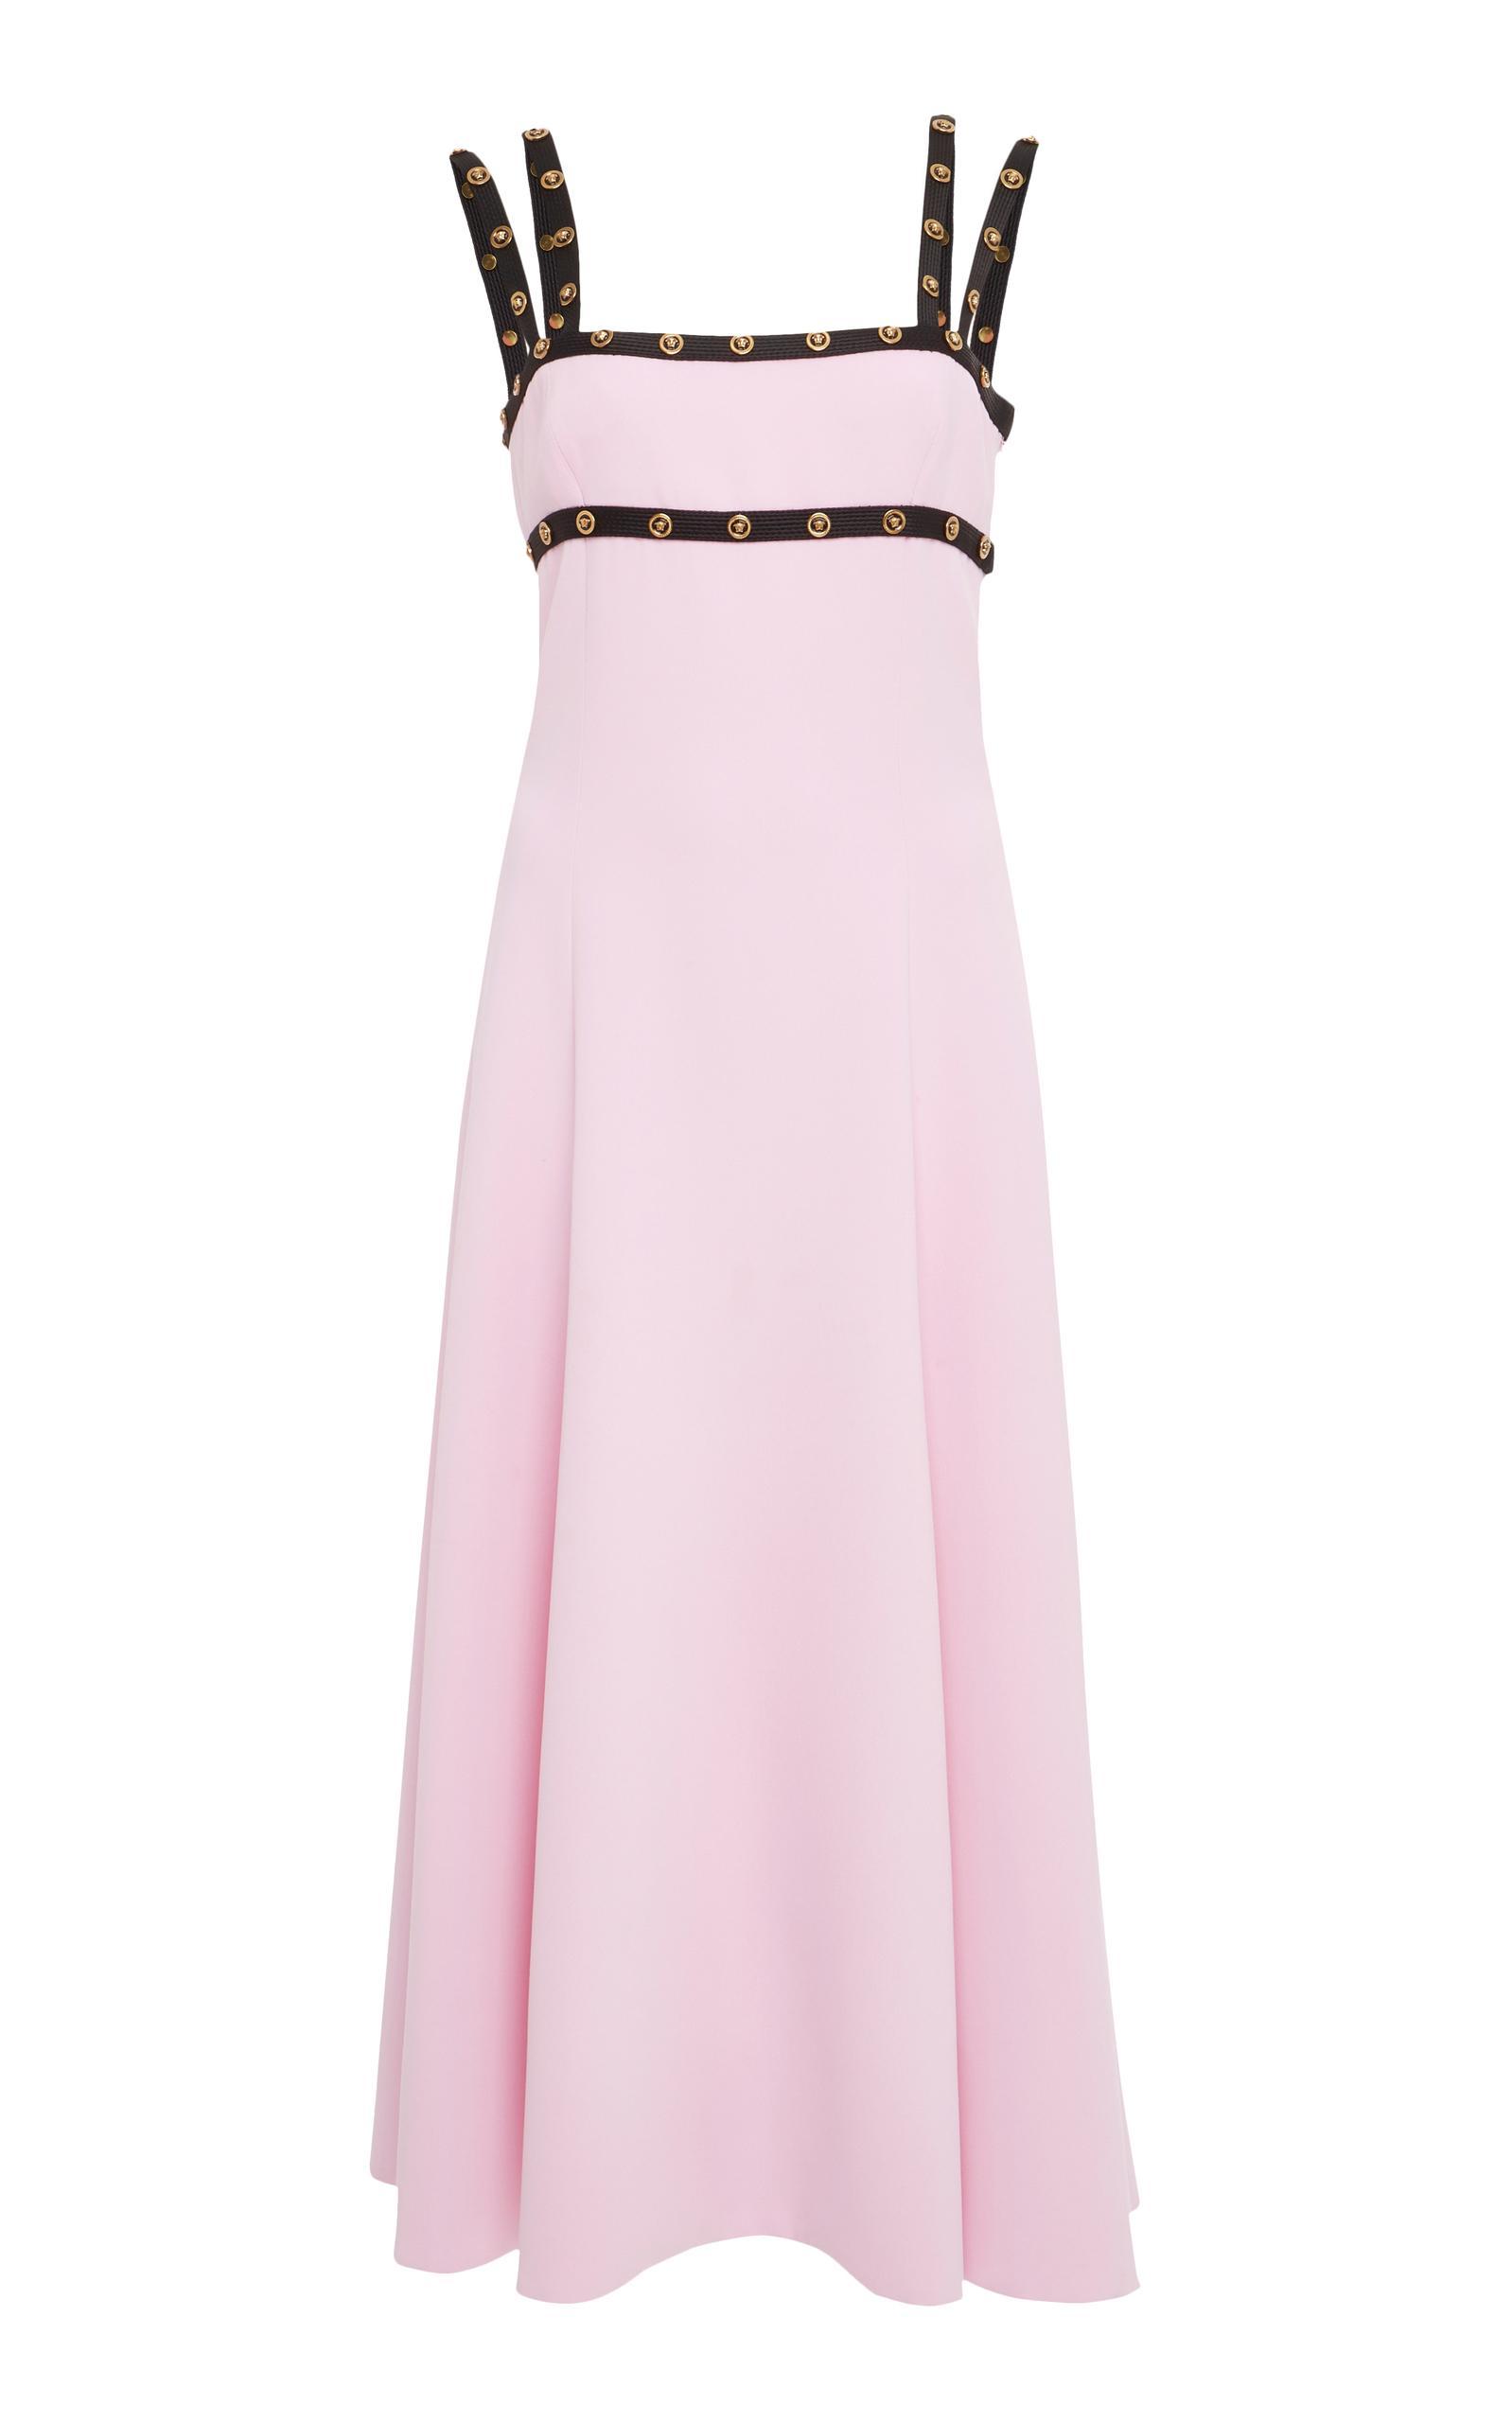 Versace Stud Embellished Dress In Pink